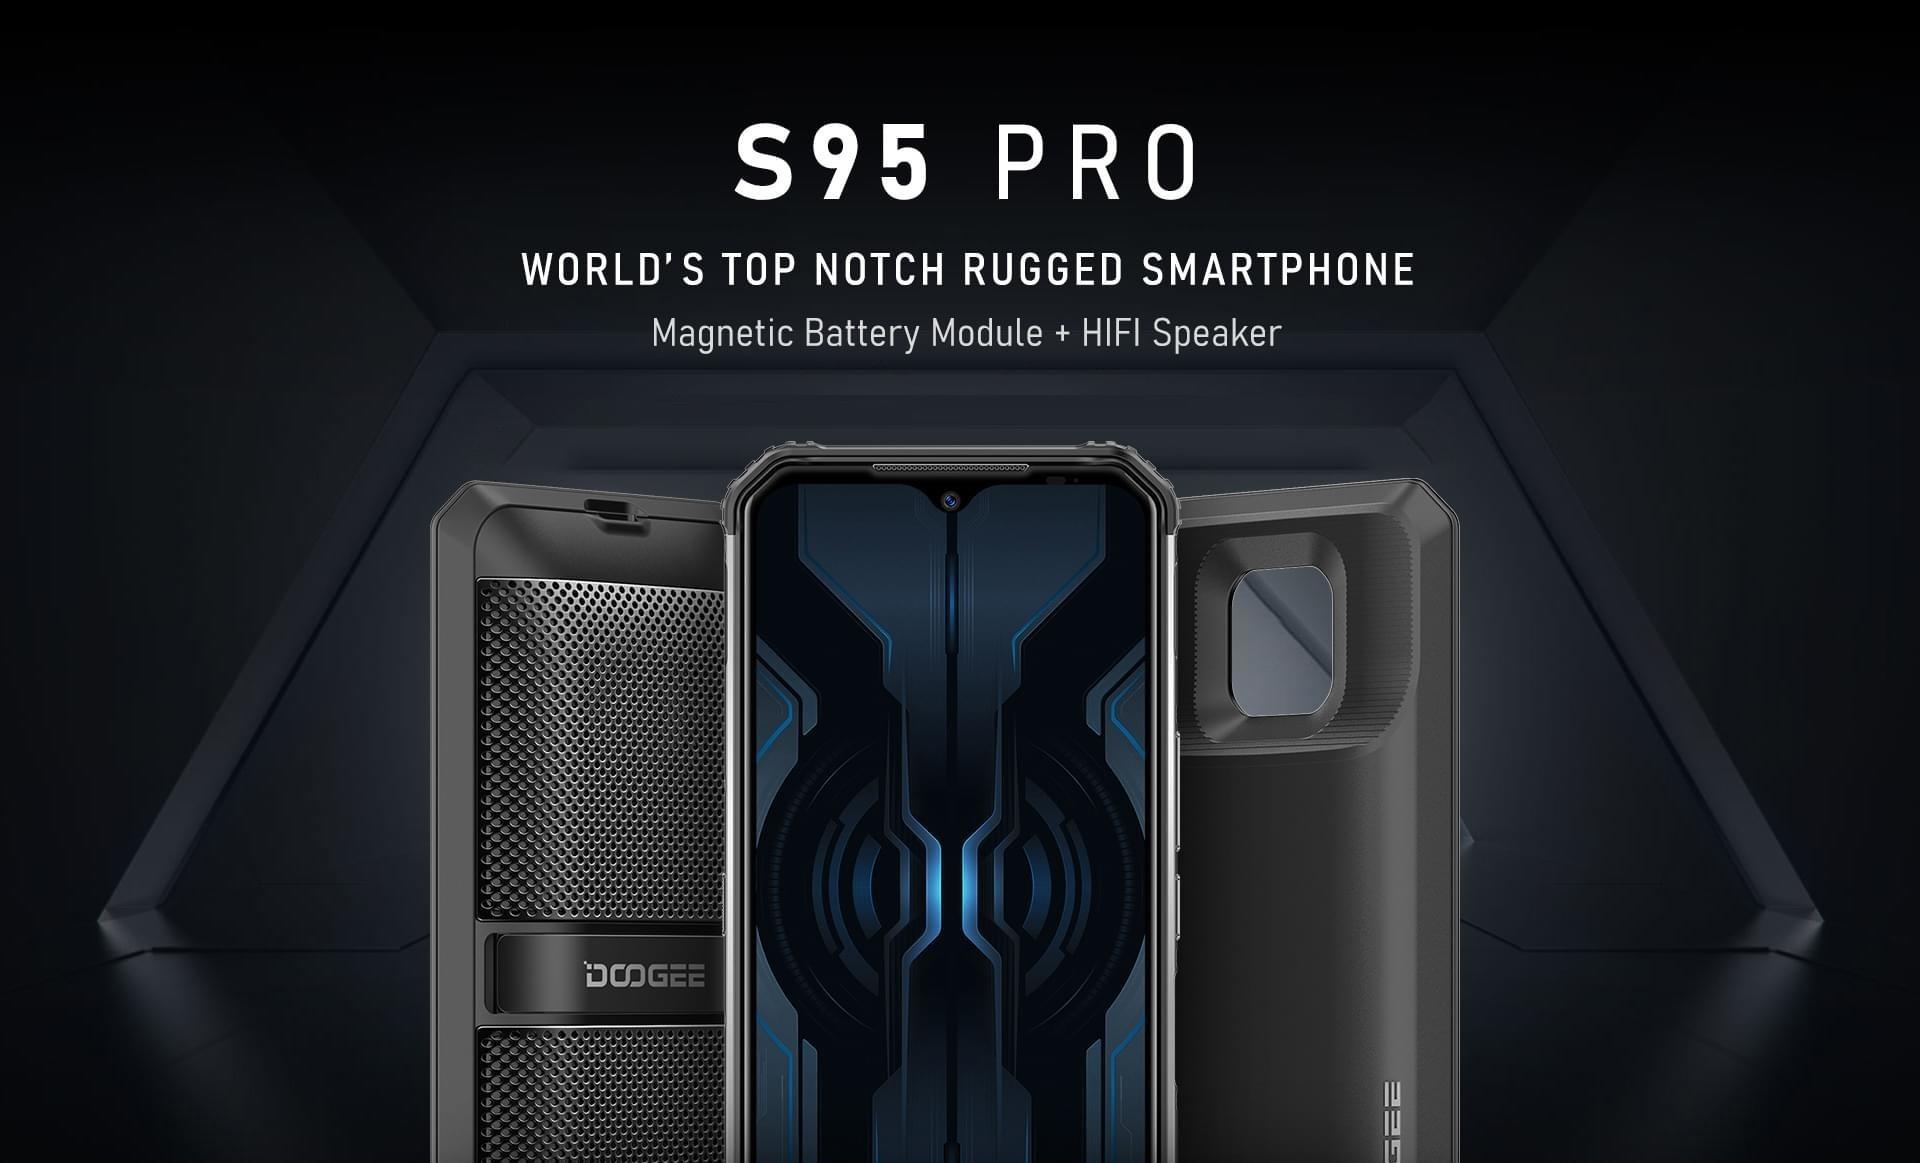 Doogee全新三防模块化手机S95 Pro:最高8650mAh电池